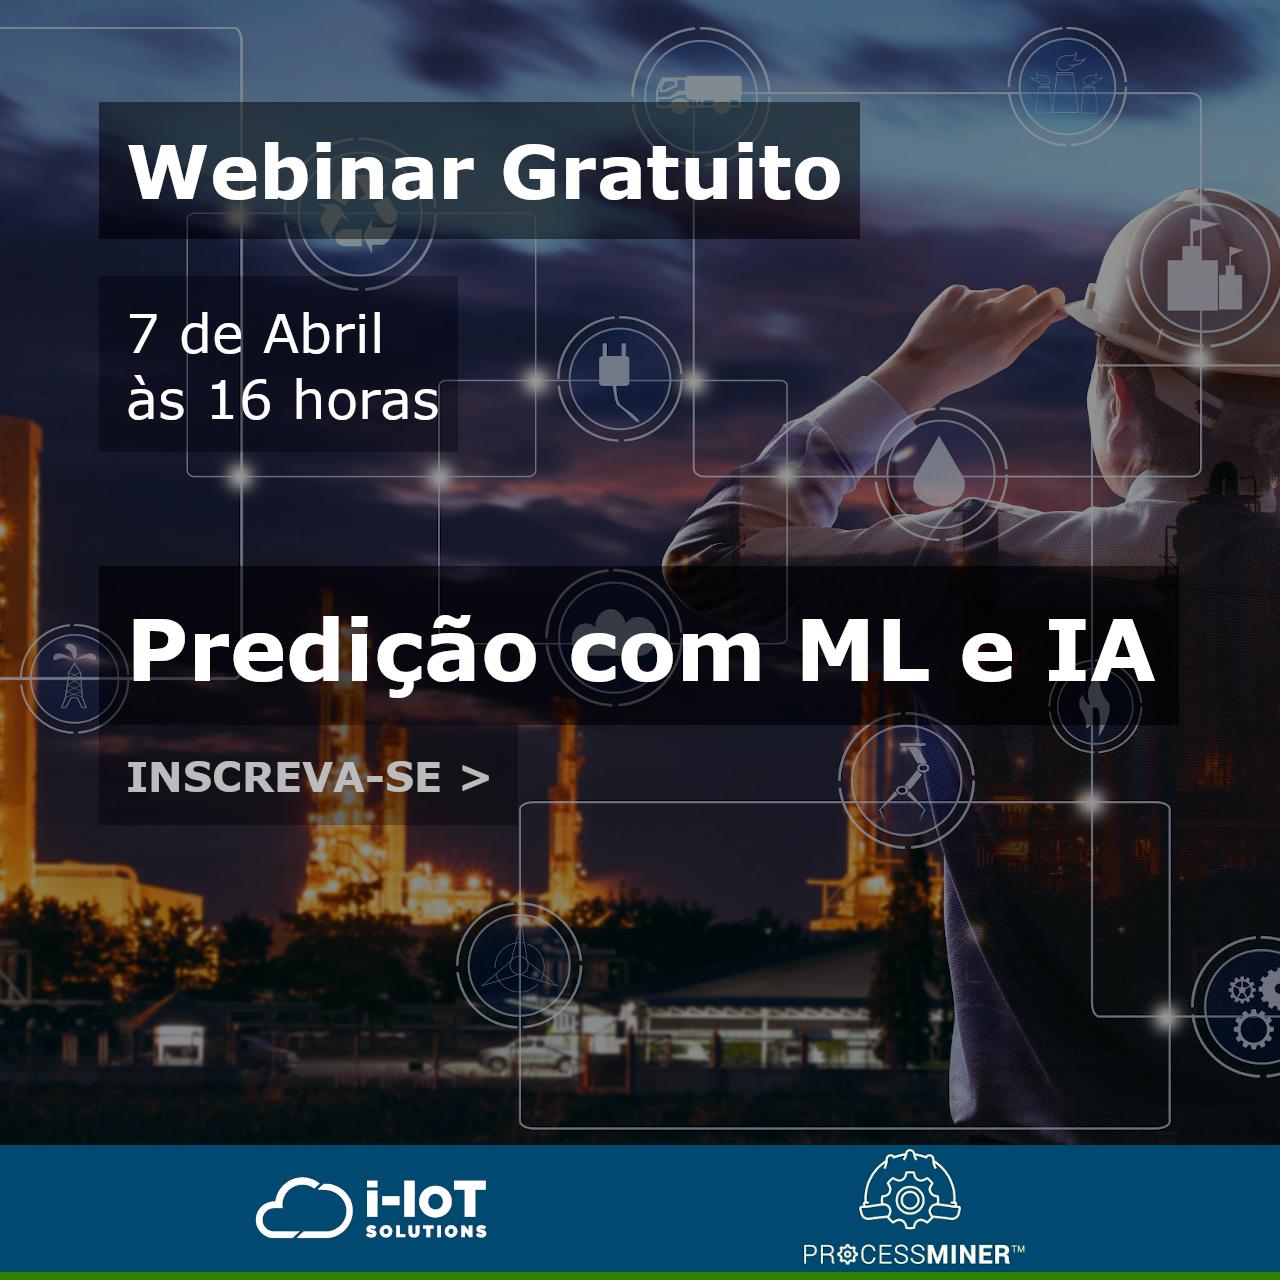 Predição com ML e IA é tema de webinar